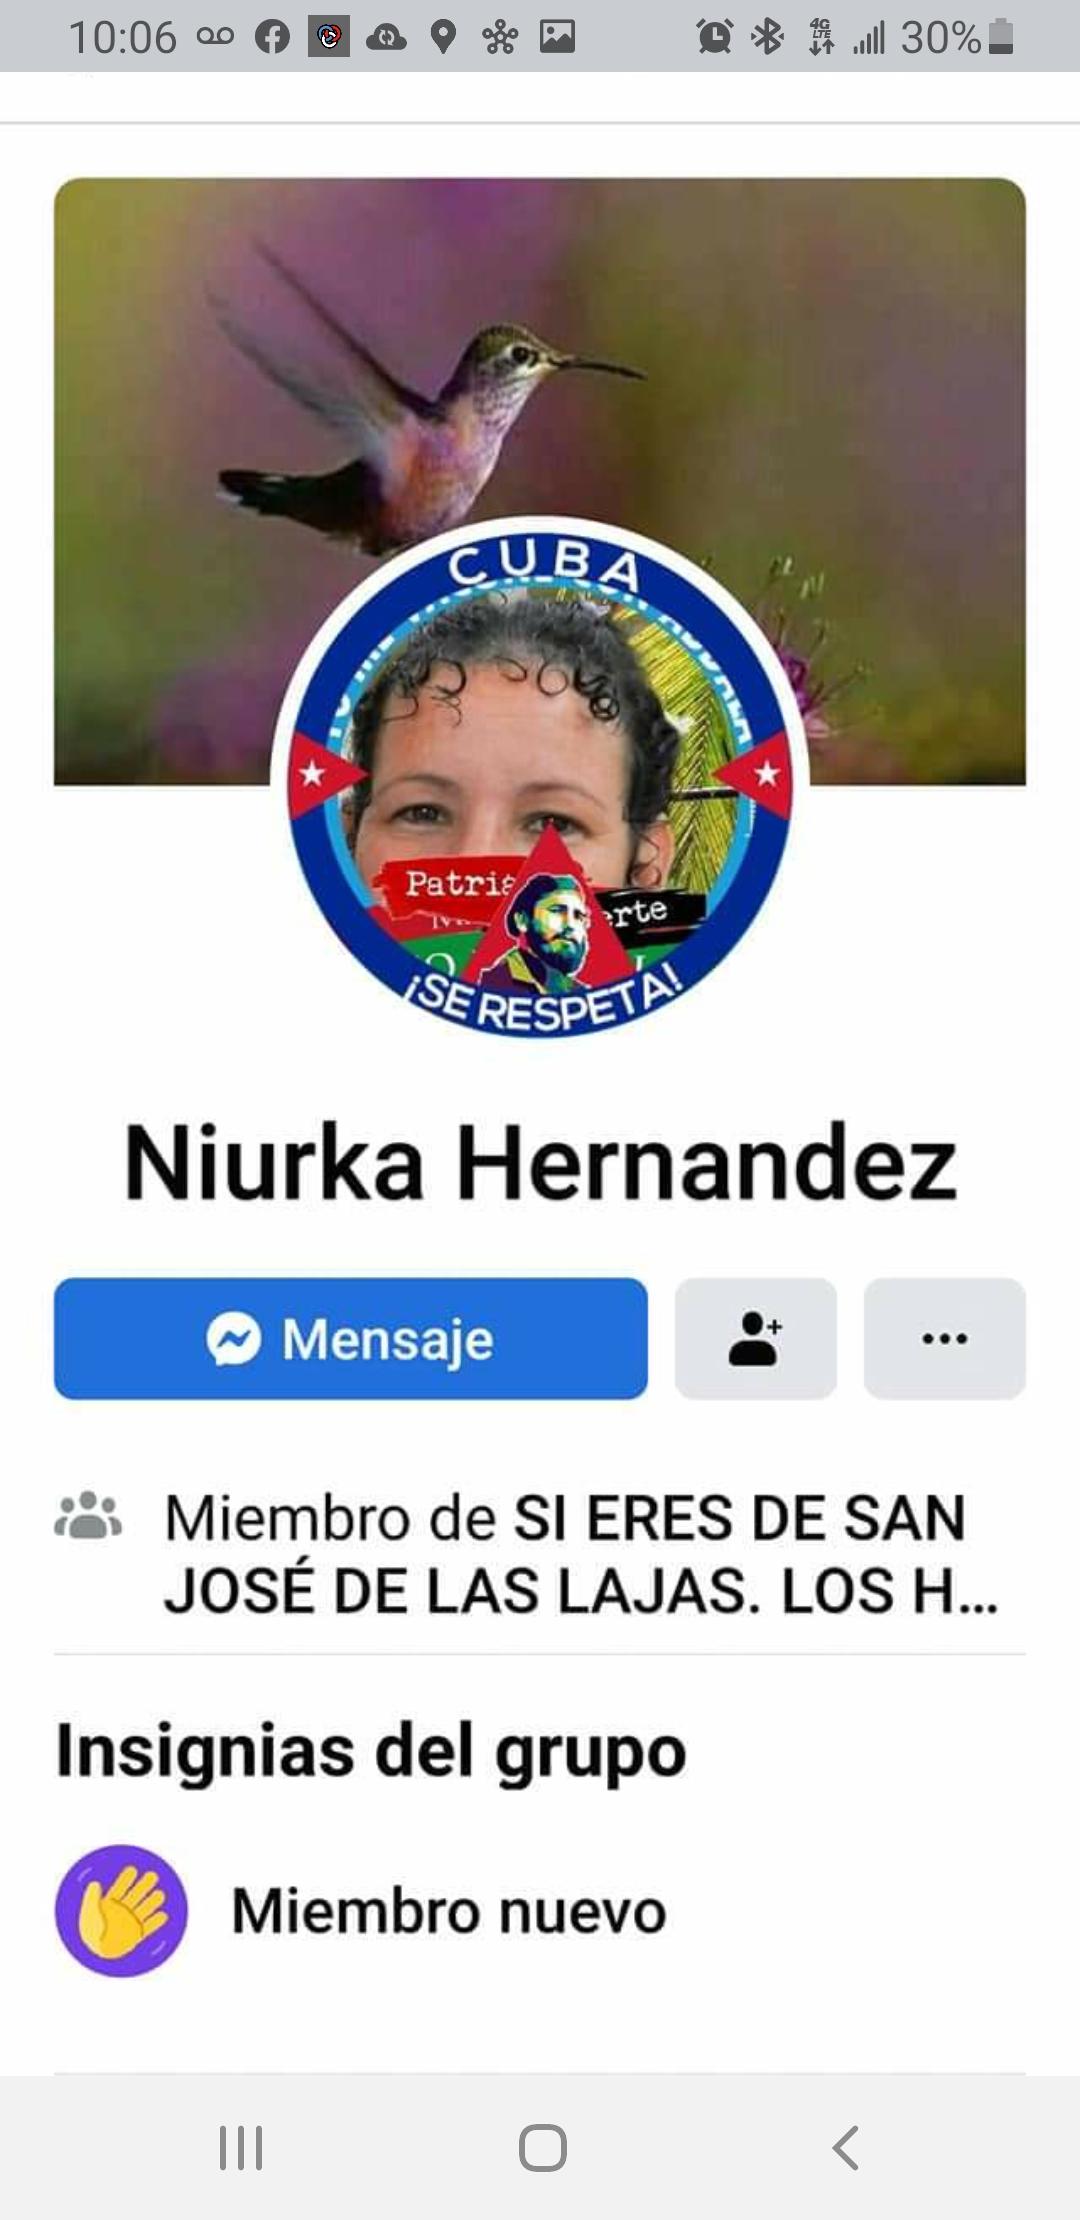 Niurka Hernandez